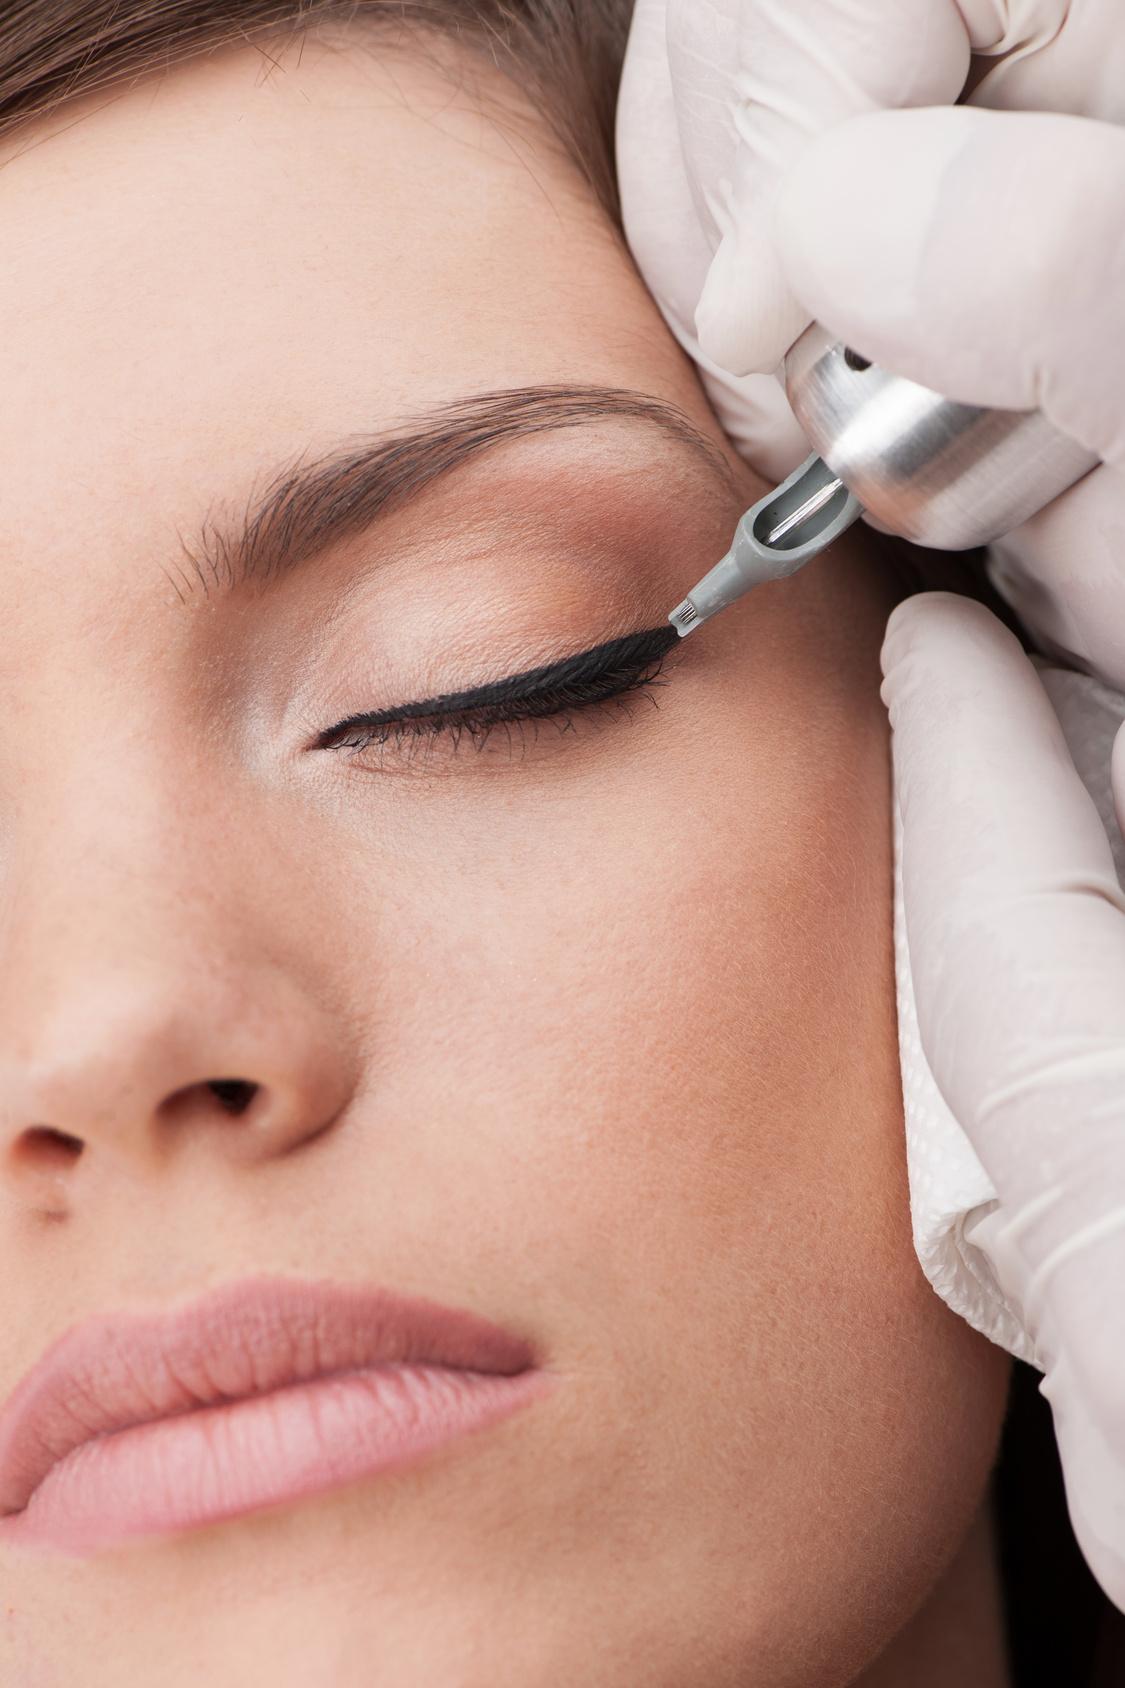 makijaż permanentny jest wykonywany w salonie kosmetycznym Avanti w Żywcu